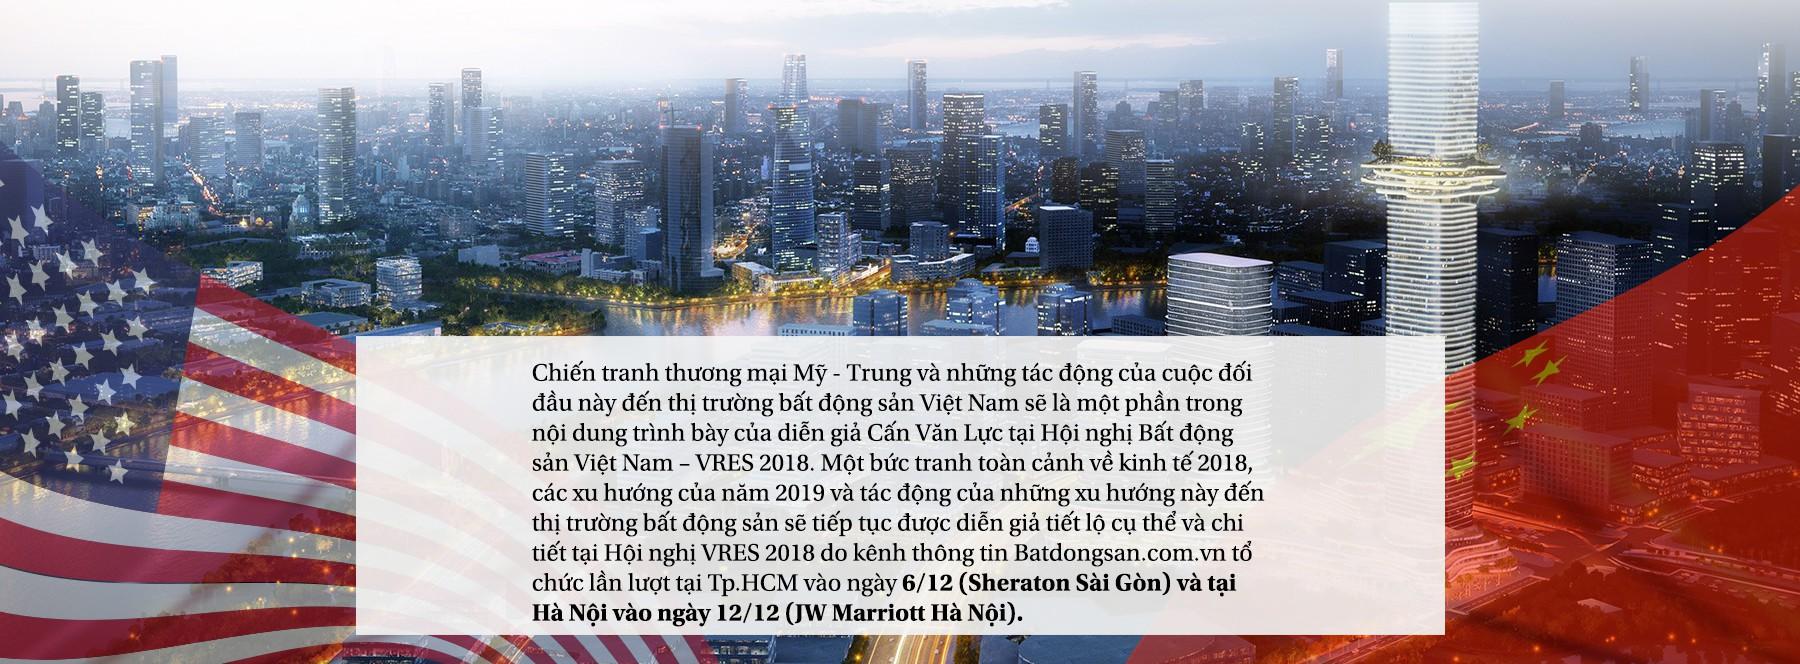 Chiến tranh thương mại Mỹ - Trung, bất động sản Việt Nam hưởng lợi - Ảnh 9.